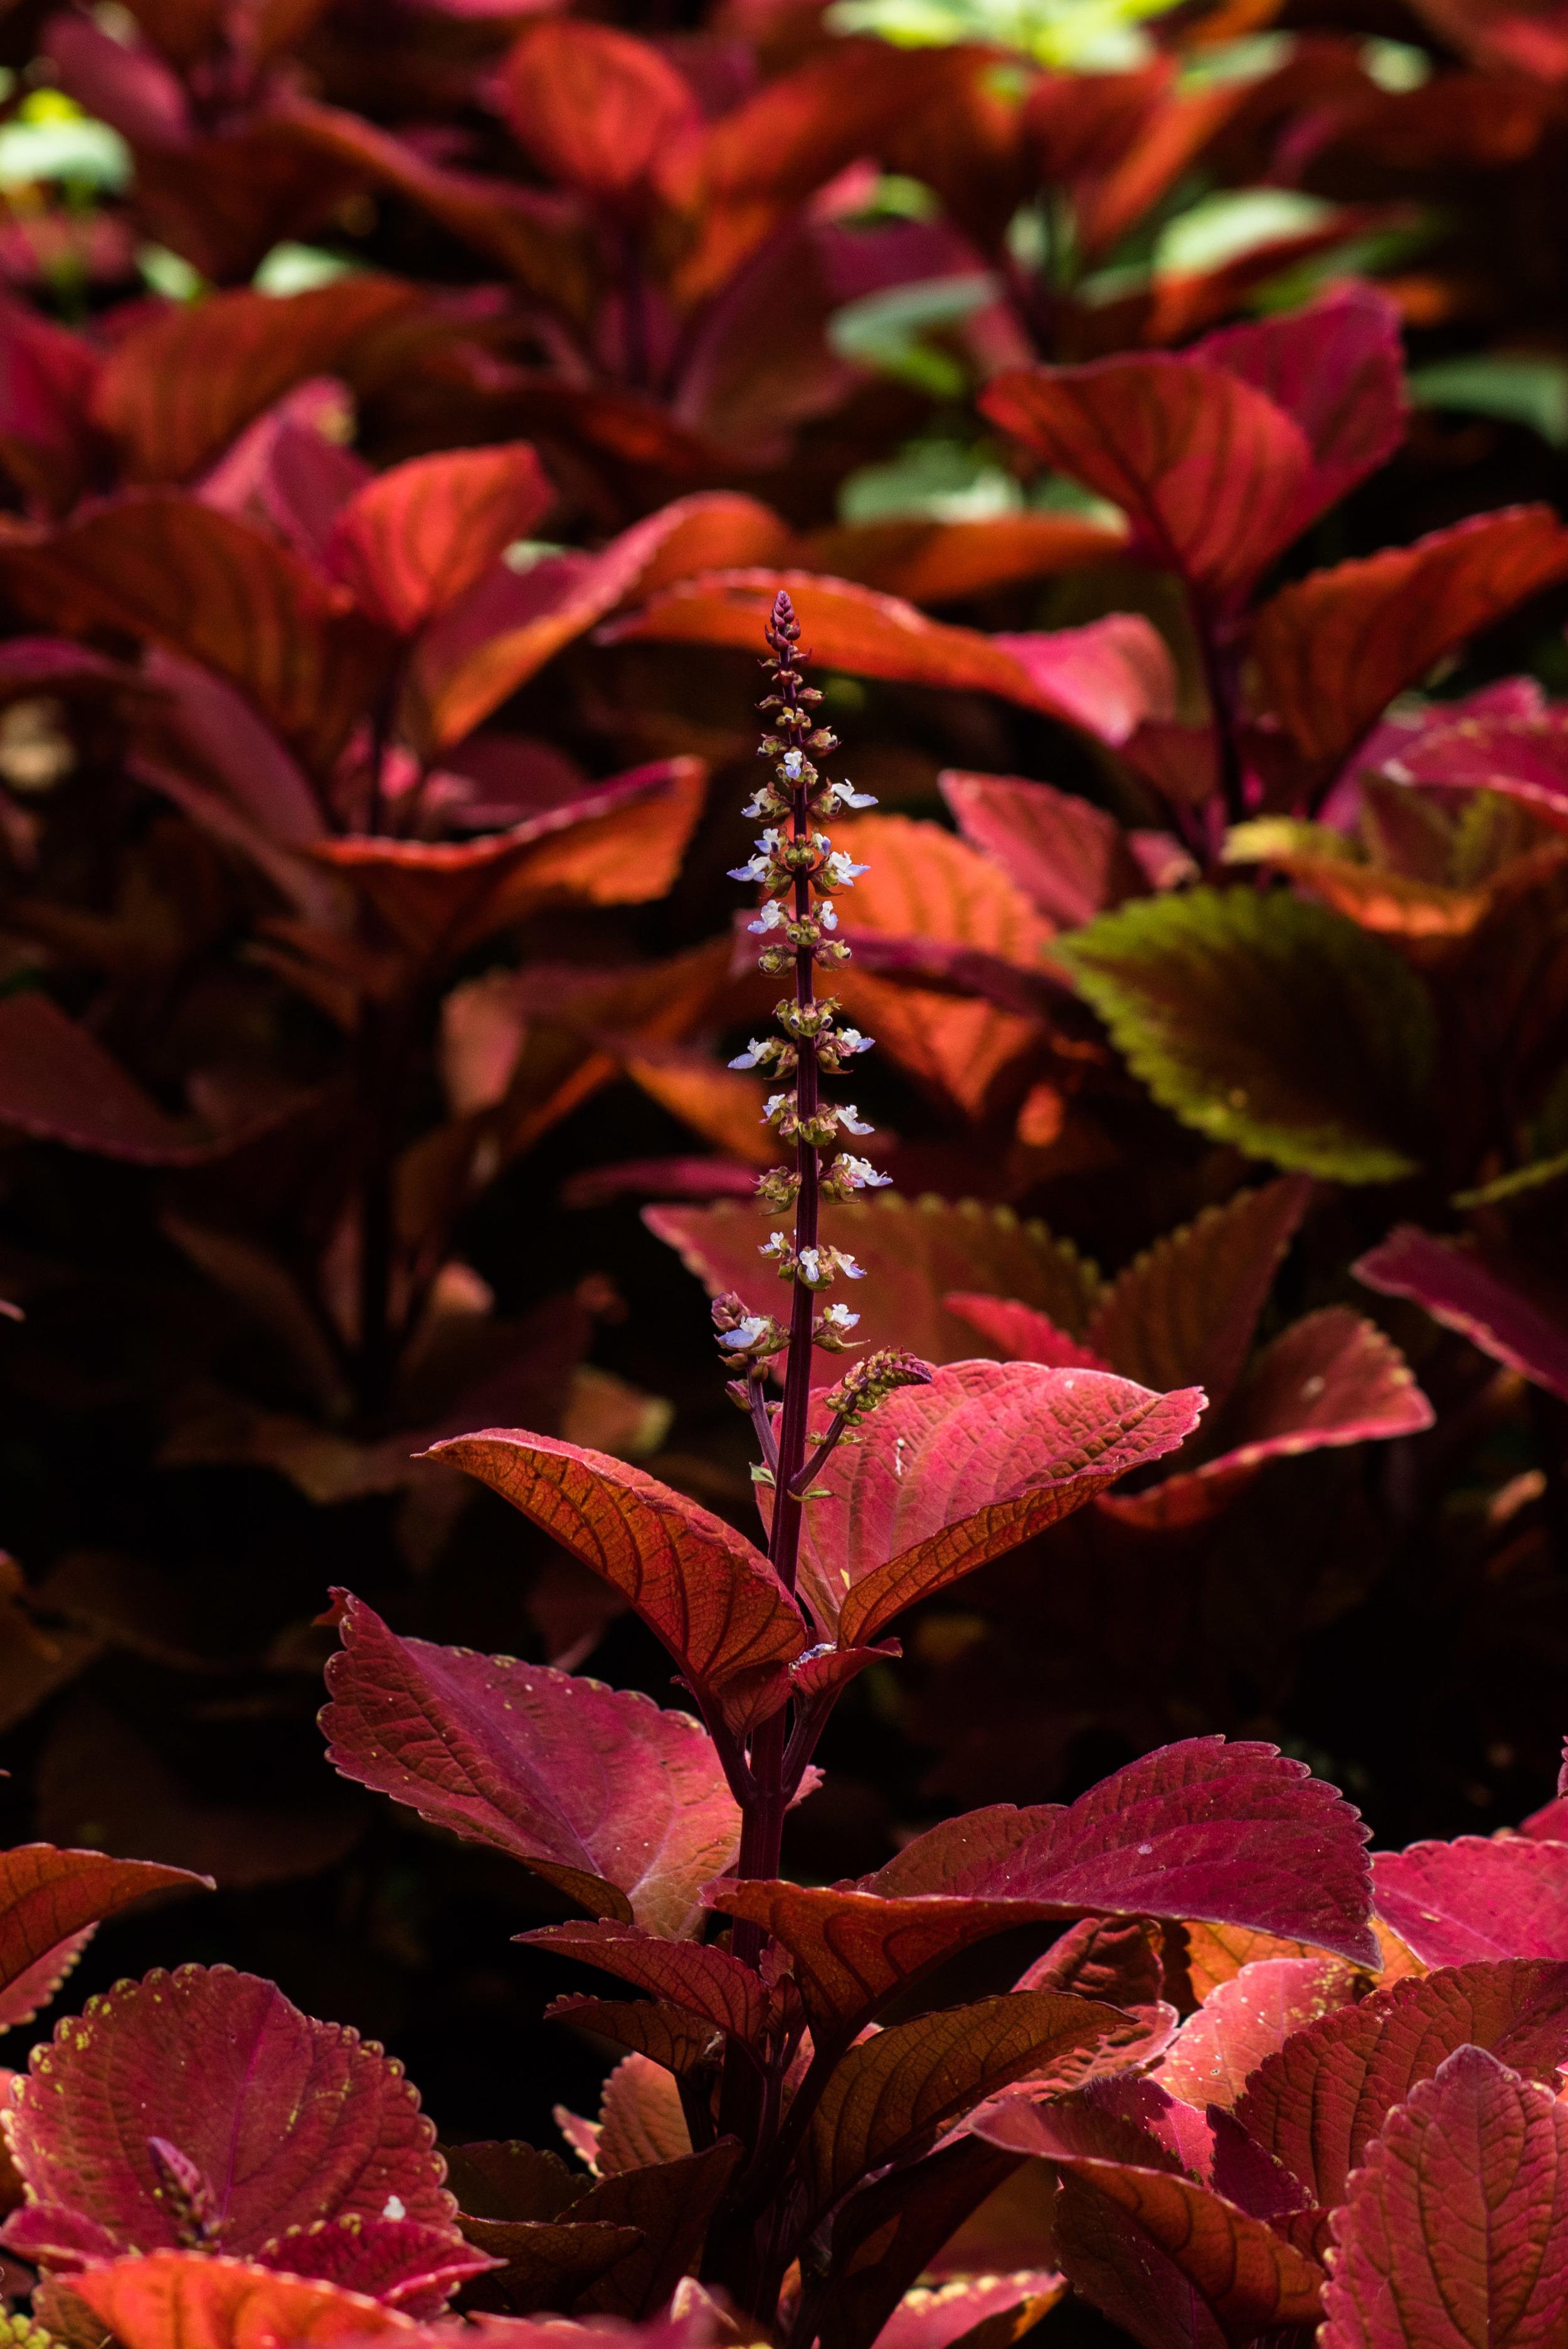 brookgreen garden myrtle beach-40.jpg